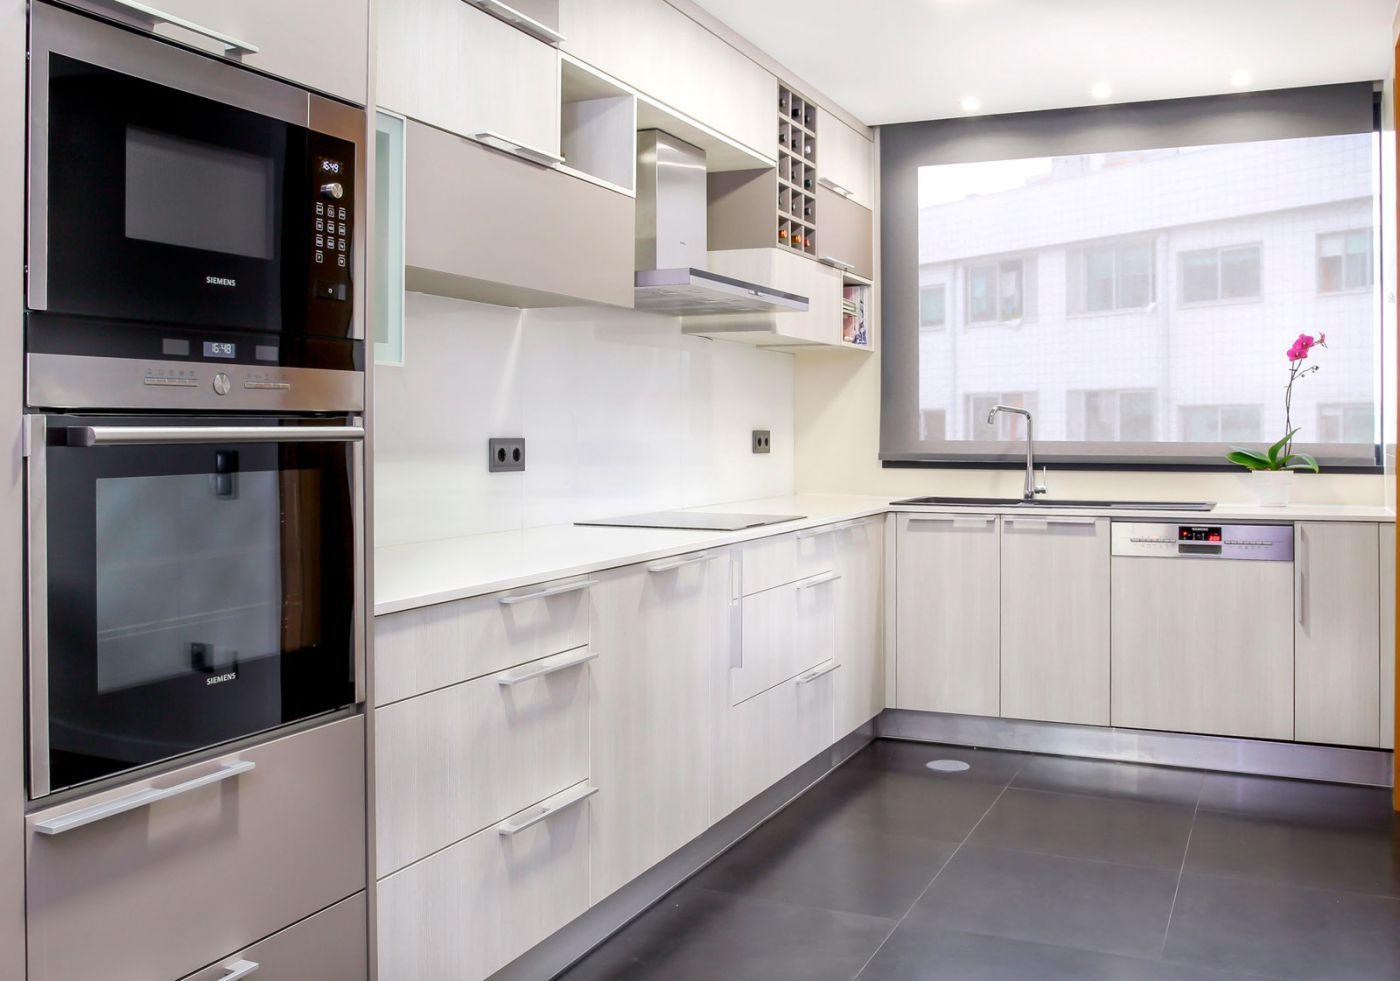 Cozinha | Kitchen | White | Home | Interior | Design |